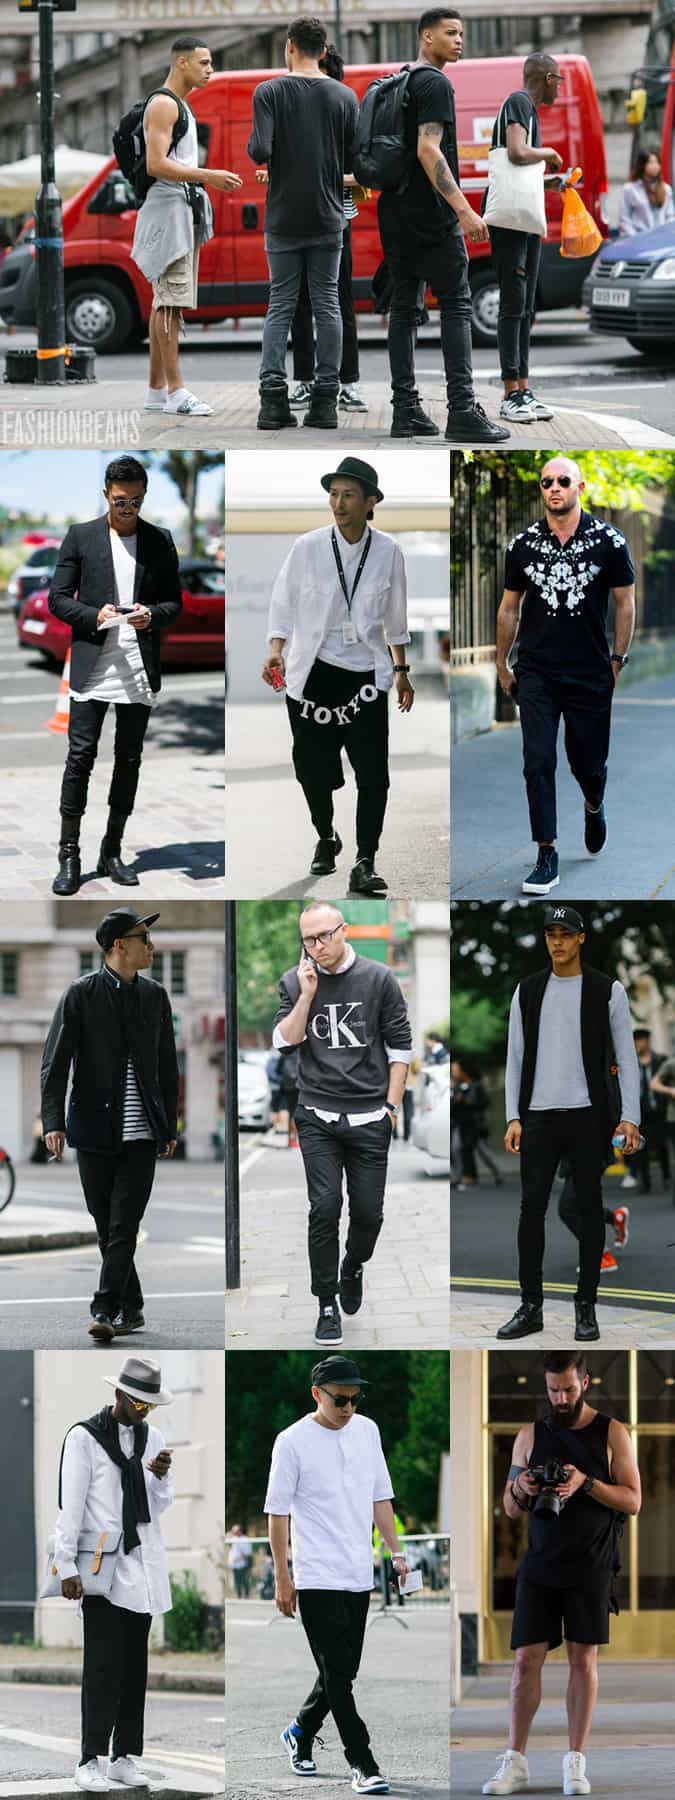 Men's SS16 Street Style Trends - Monochrome and Streetwear Looks